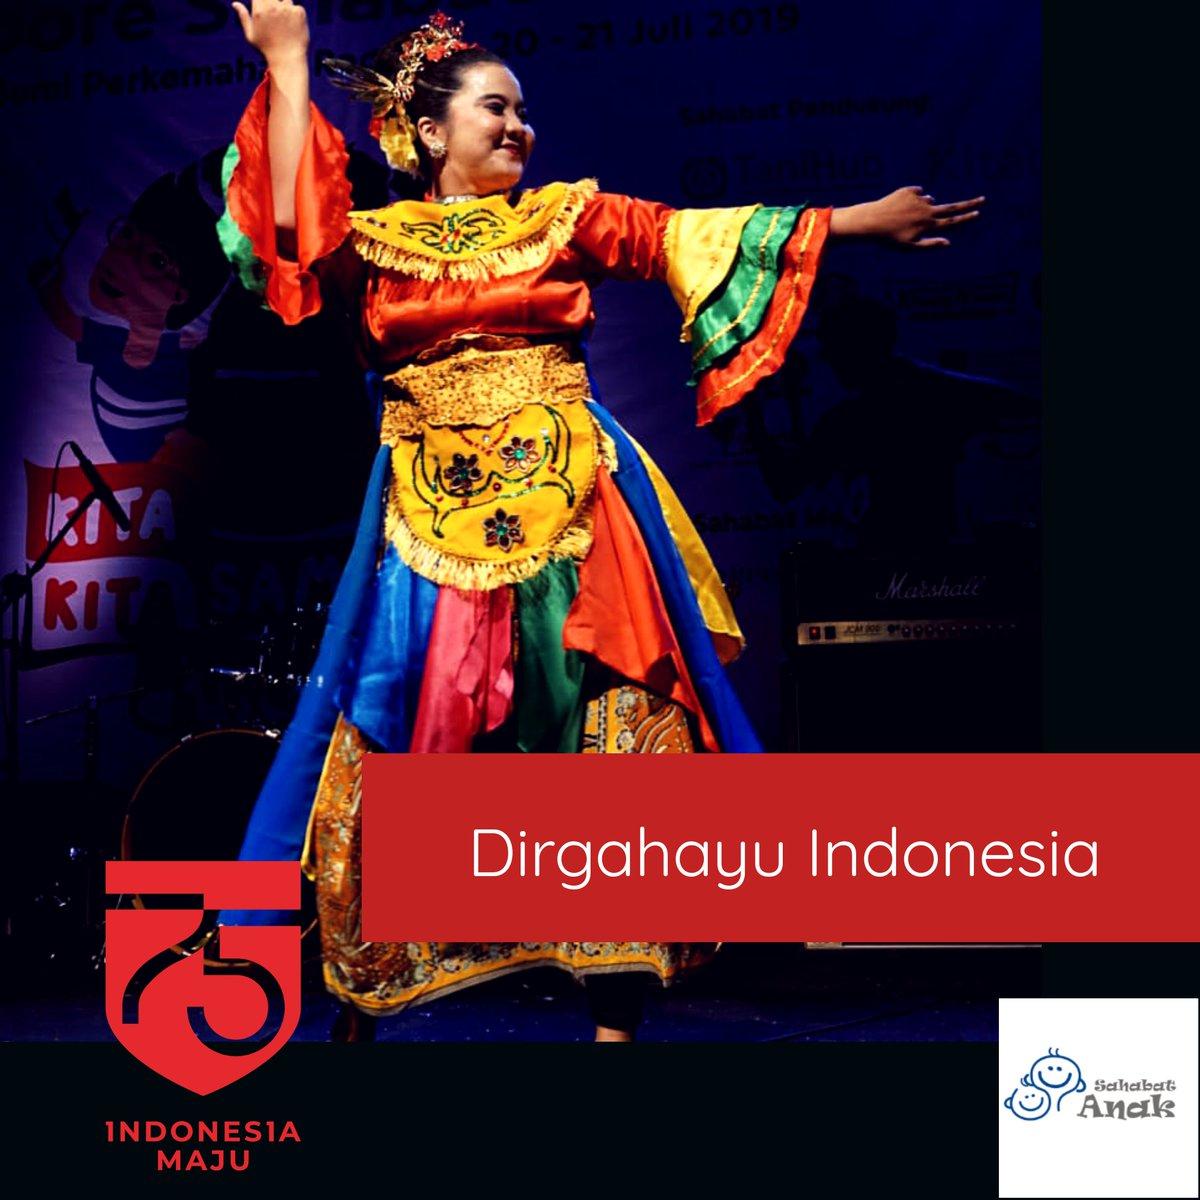 Kiranya semangat KEMERDEKAAN menginspirasi kita untuk terus berjuang agar anak-anak Indonesia:  ✔ Merdeka dari segala macam bentuk kekerasan ✔ Merdeka dari berbagai diskriminasi ✔ Merdeka dari kebodohan  #merdeka #indonesiamaju #DirgahayuRI #gerakansahabatanak https://t.co/Ur5vxuBHXL